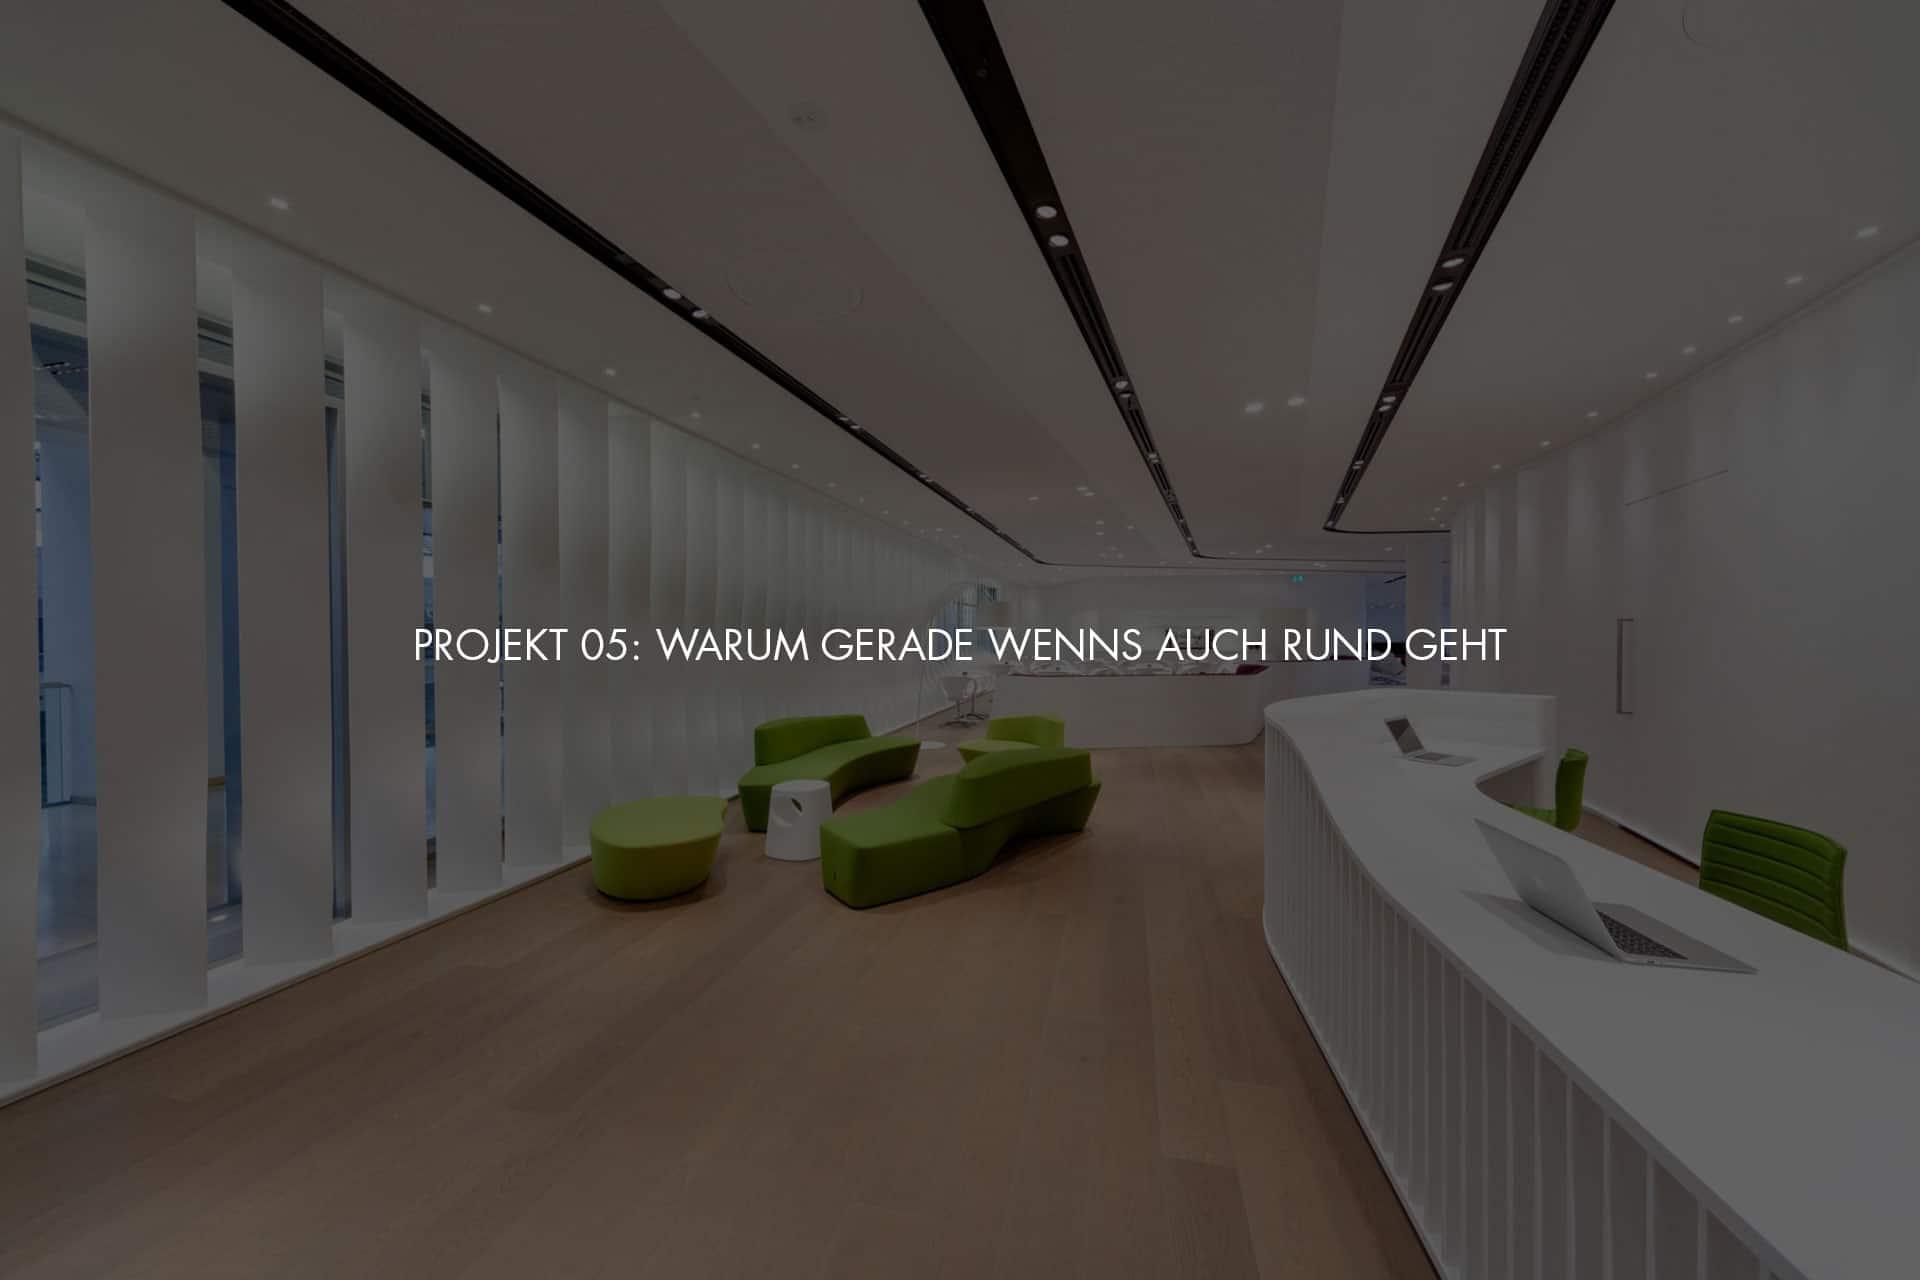 """Bavaria Lounge in der Messe München, grüne Sitzmöbel, weißer Tresen und weißer Sichtschutz an den Fenstern + Schriftzug im Bild """"Projekt 05: Warum gerade wenns auch rund geht"""""""